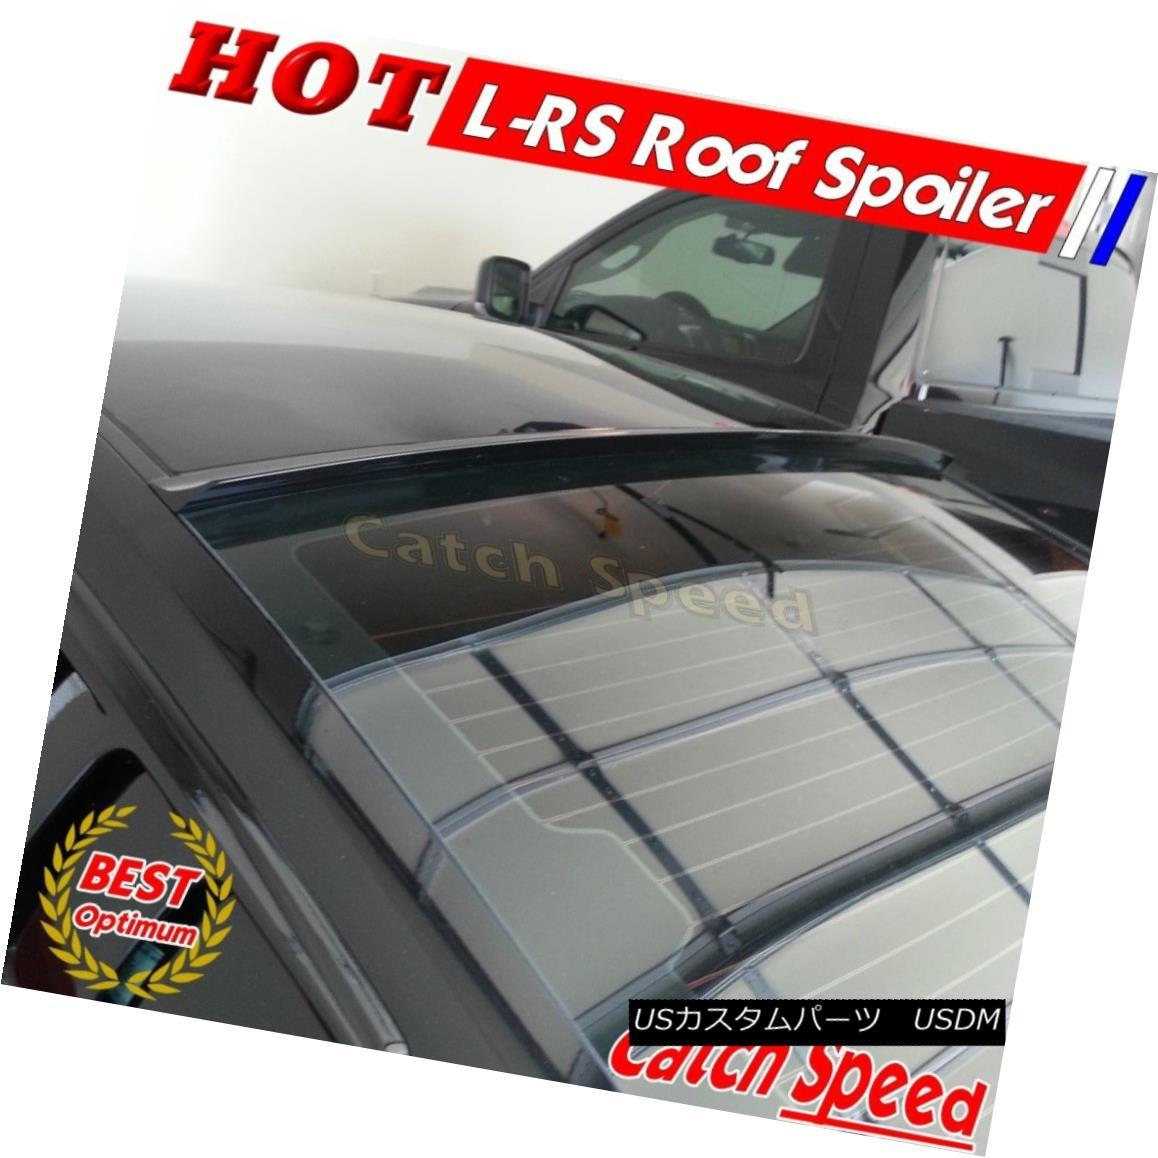 エアロパーツ Painted LRS Type Rear Window Roof Spoiler Wing For Audi A6 C6 Sedan 2005~2009 ? Audi A6 C6セダン2005年?2009年のために塗装されたLRSタイプのリアウィンドウルーフスポイラーウイング?